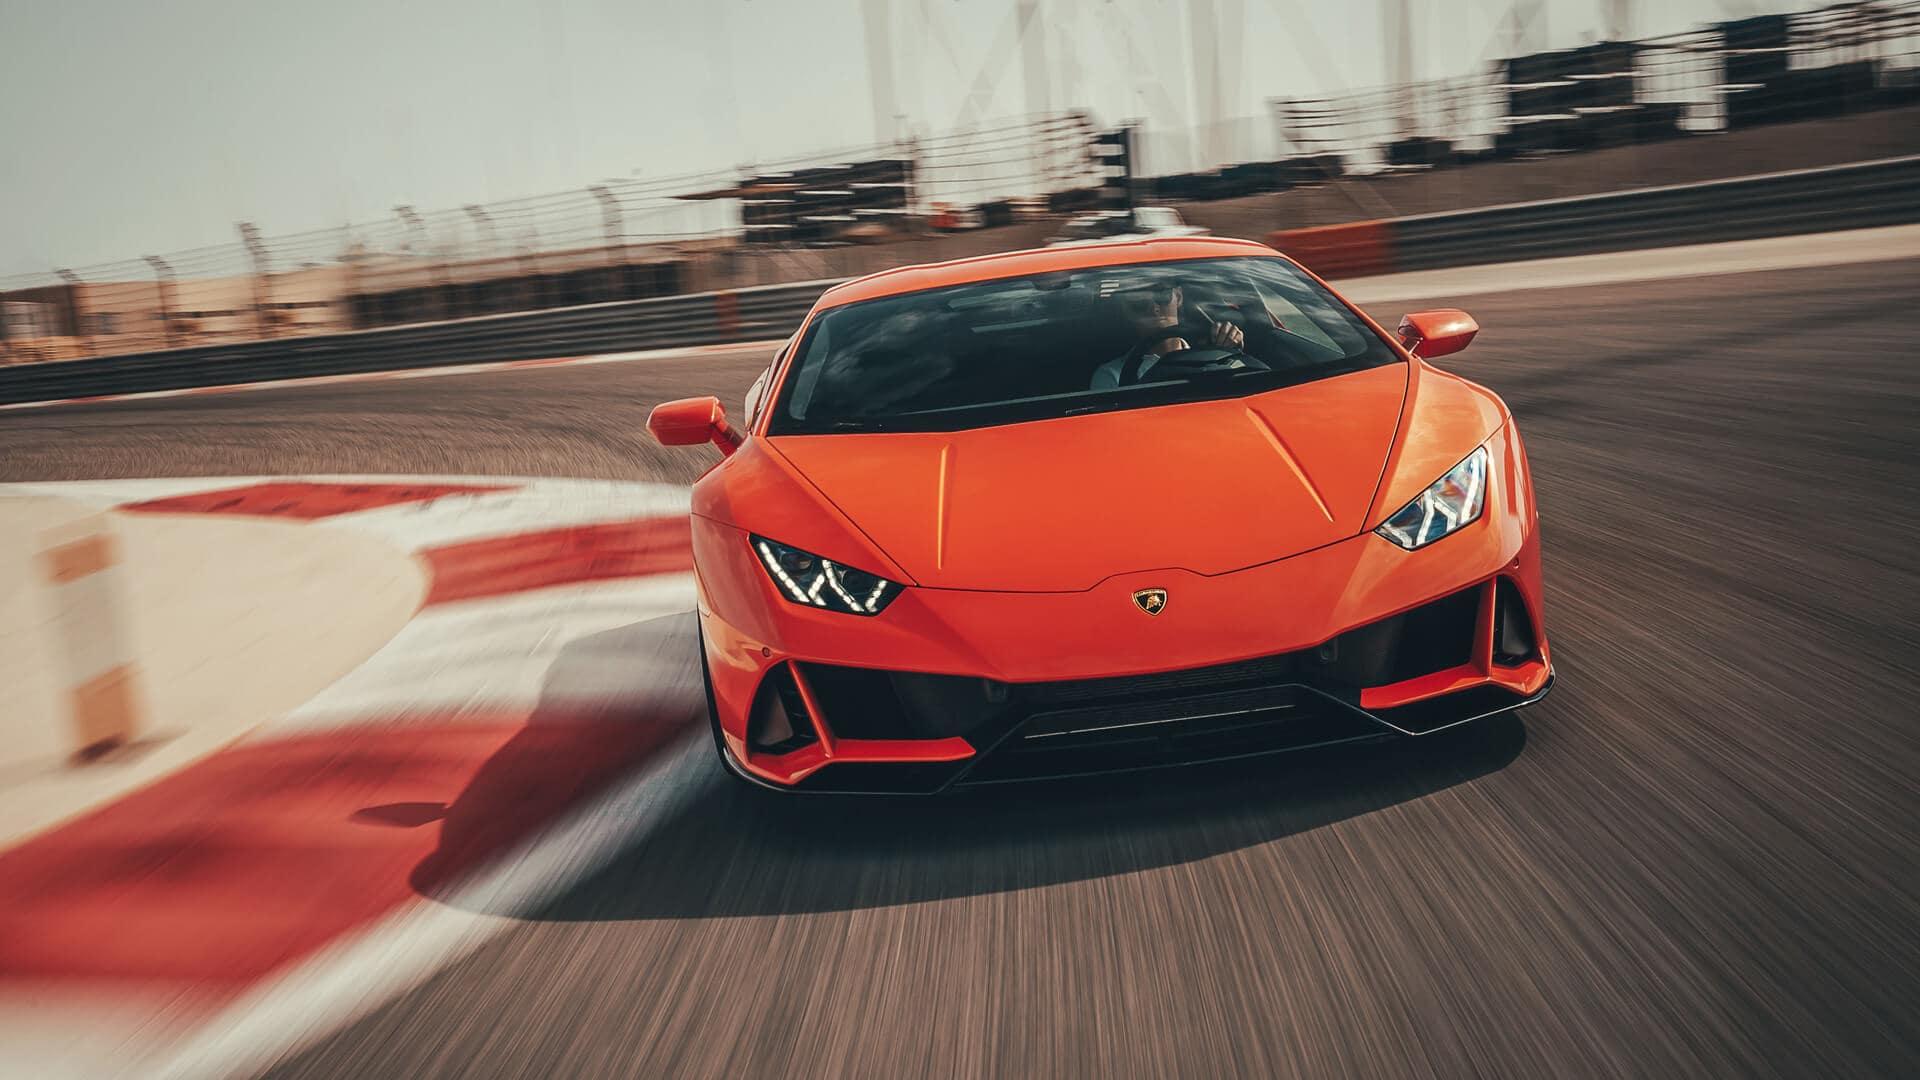 Automobili Lamborghini intensifica le misure di contrasto alla diffusione della pandemia